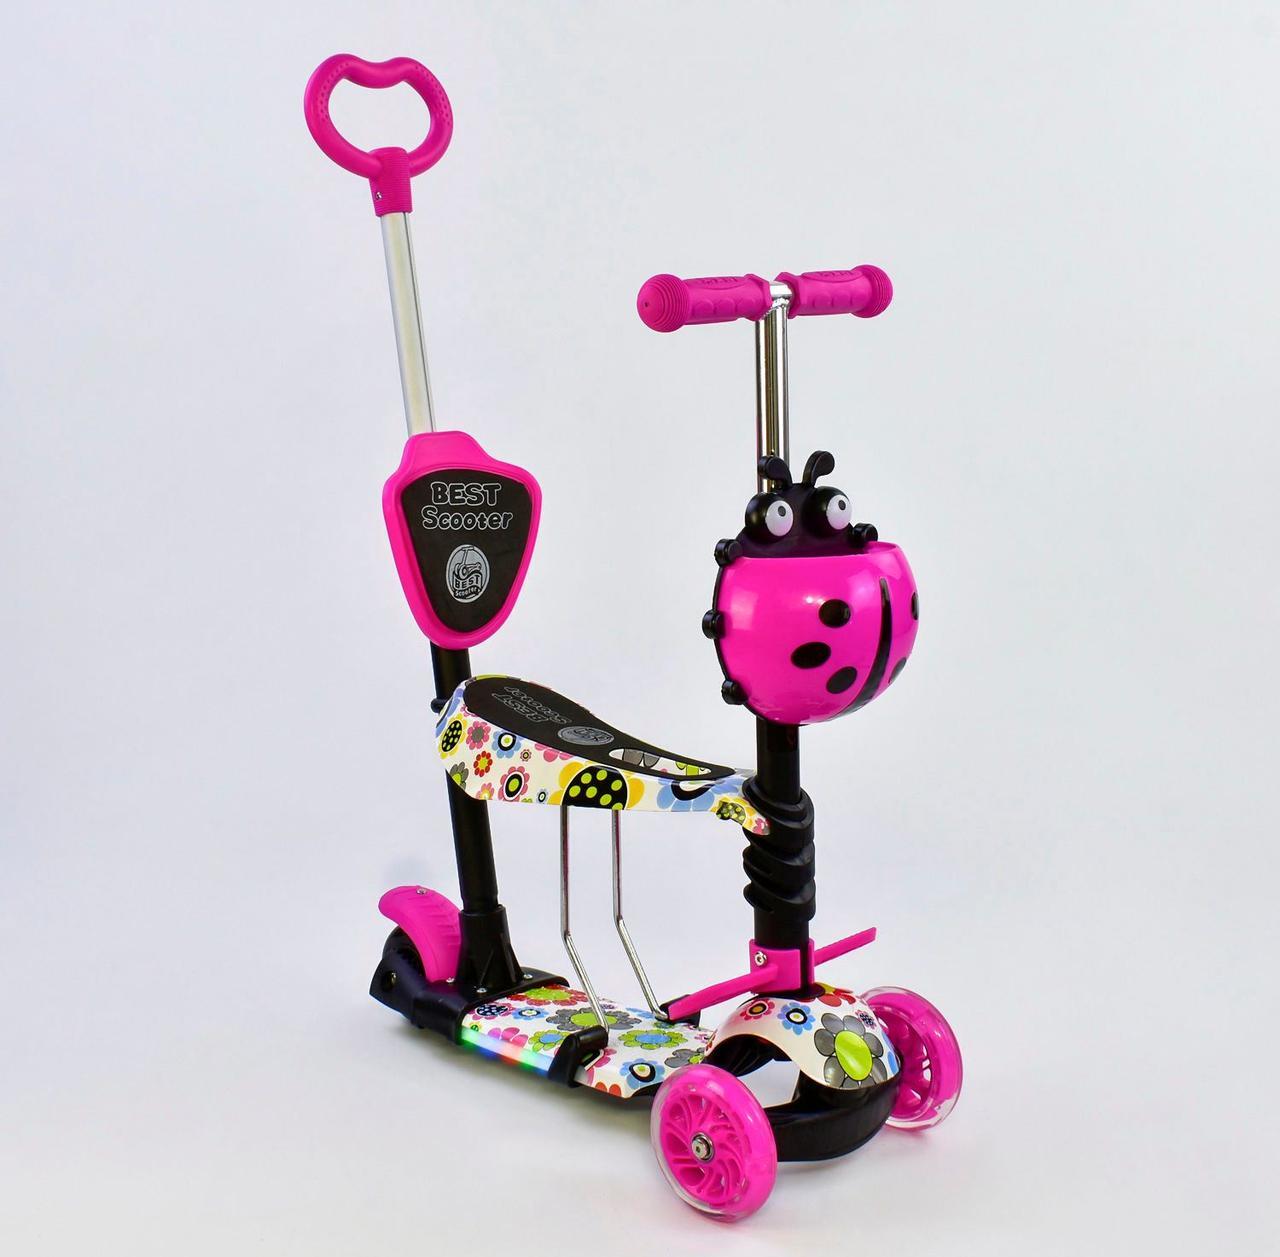 Самокат Best Scooter 62090 Розовый 5в1 Mini 74065